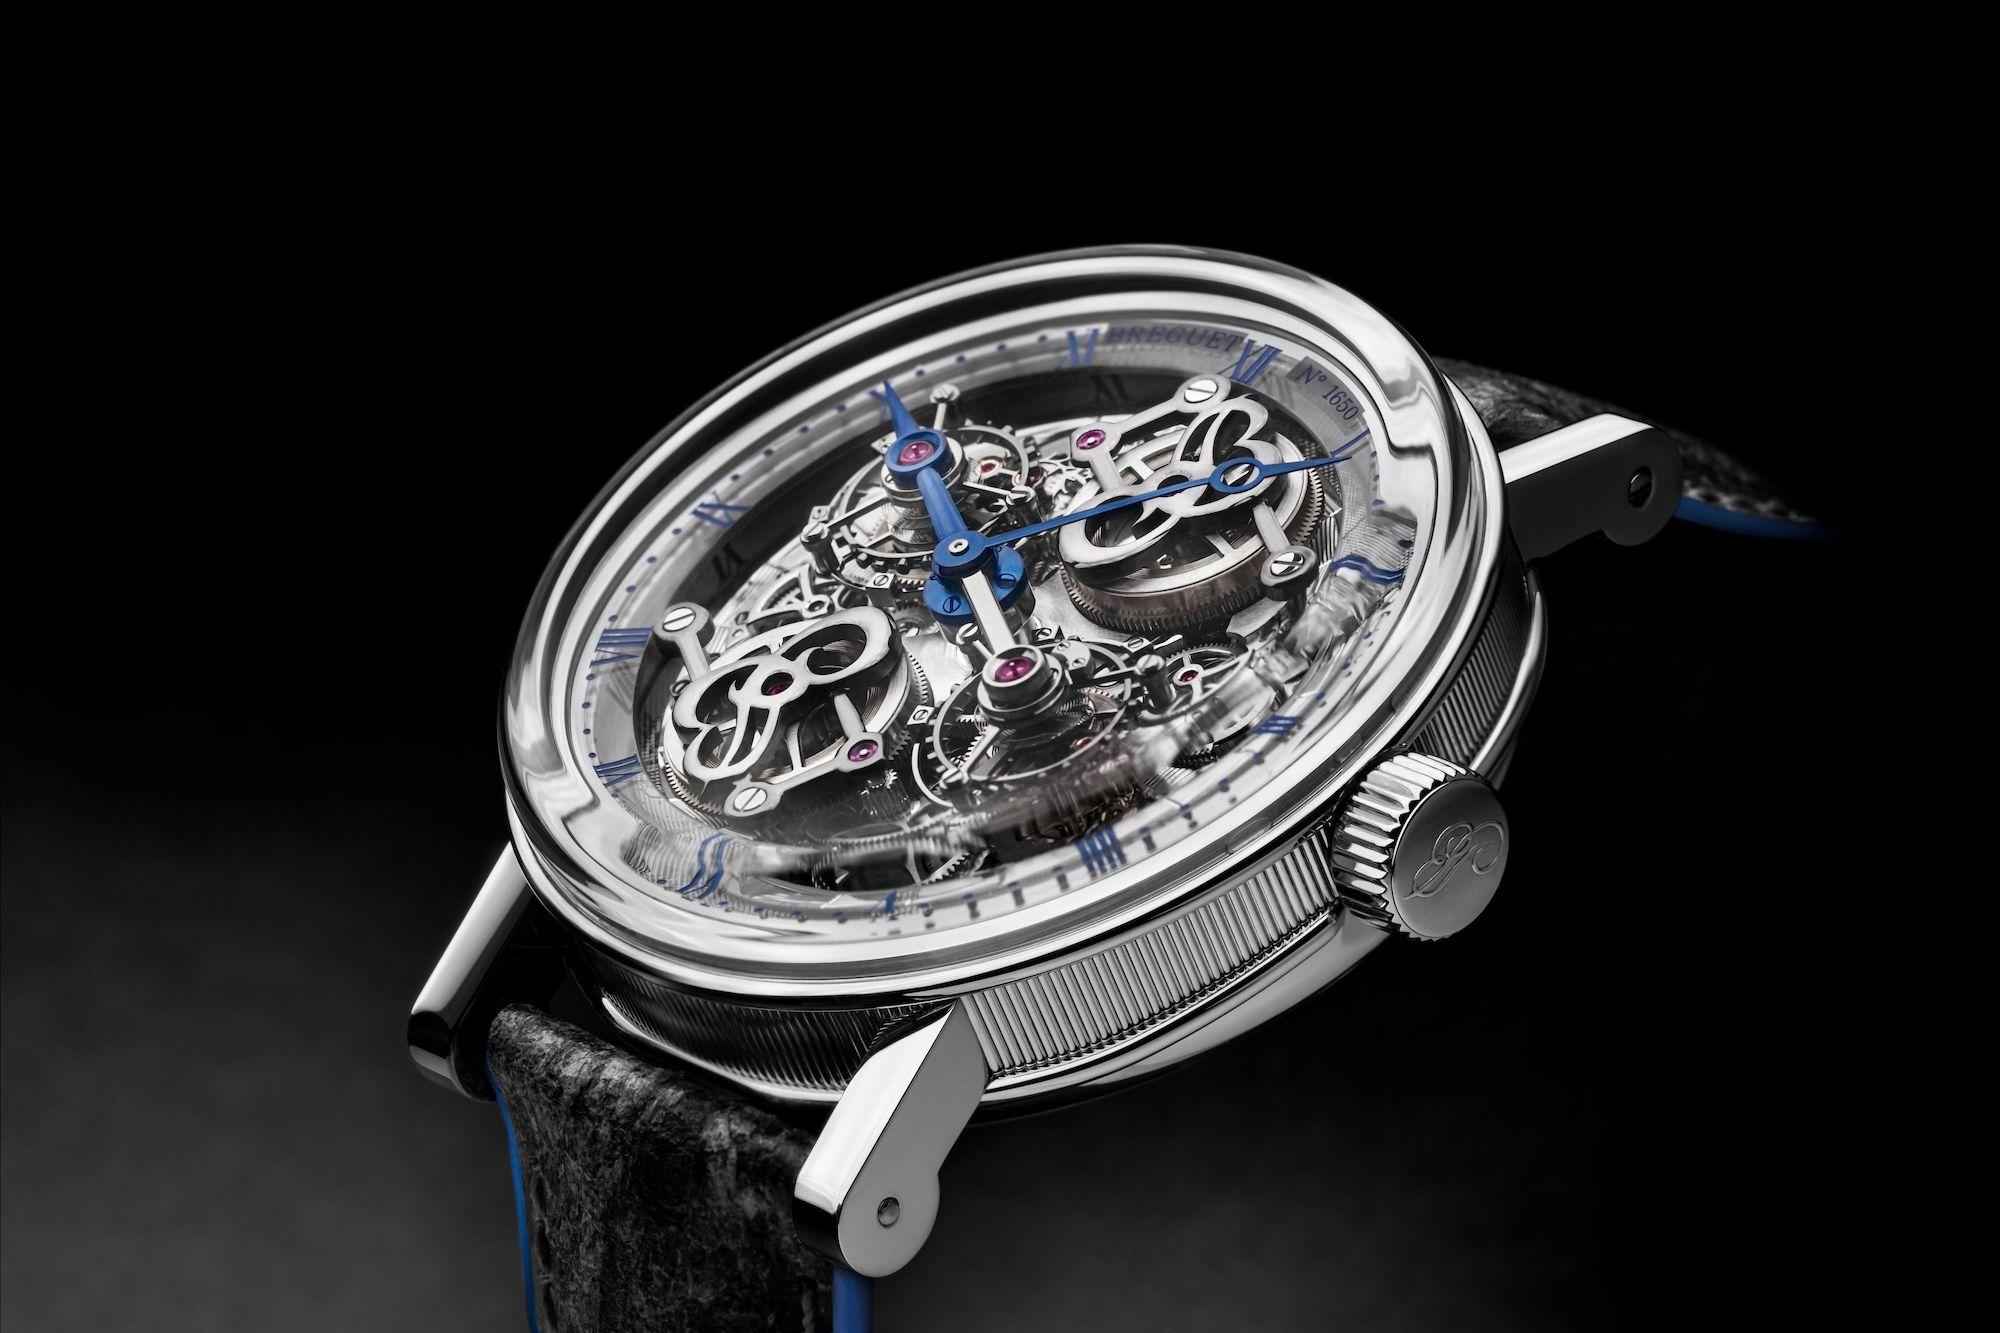 Breguet Classique Double Tourbillon Quai de l'Horloge 5345 detalle carrura